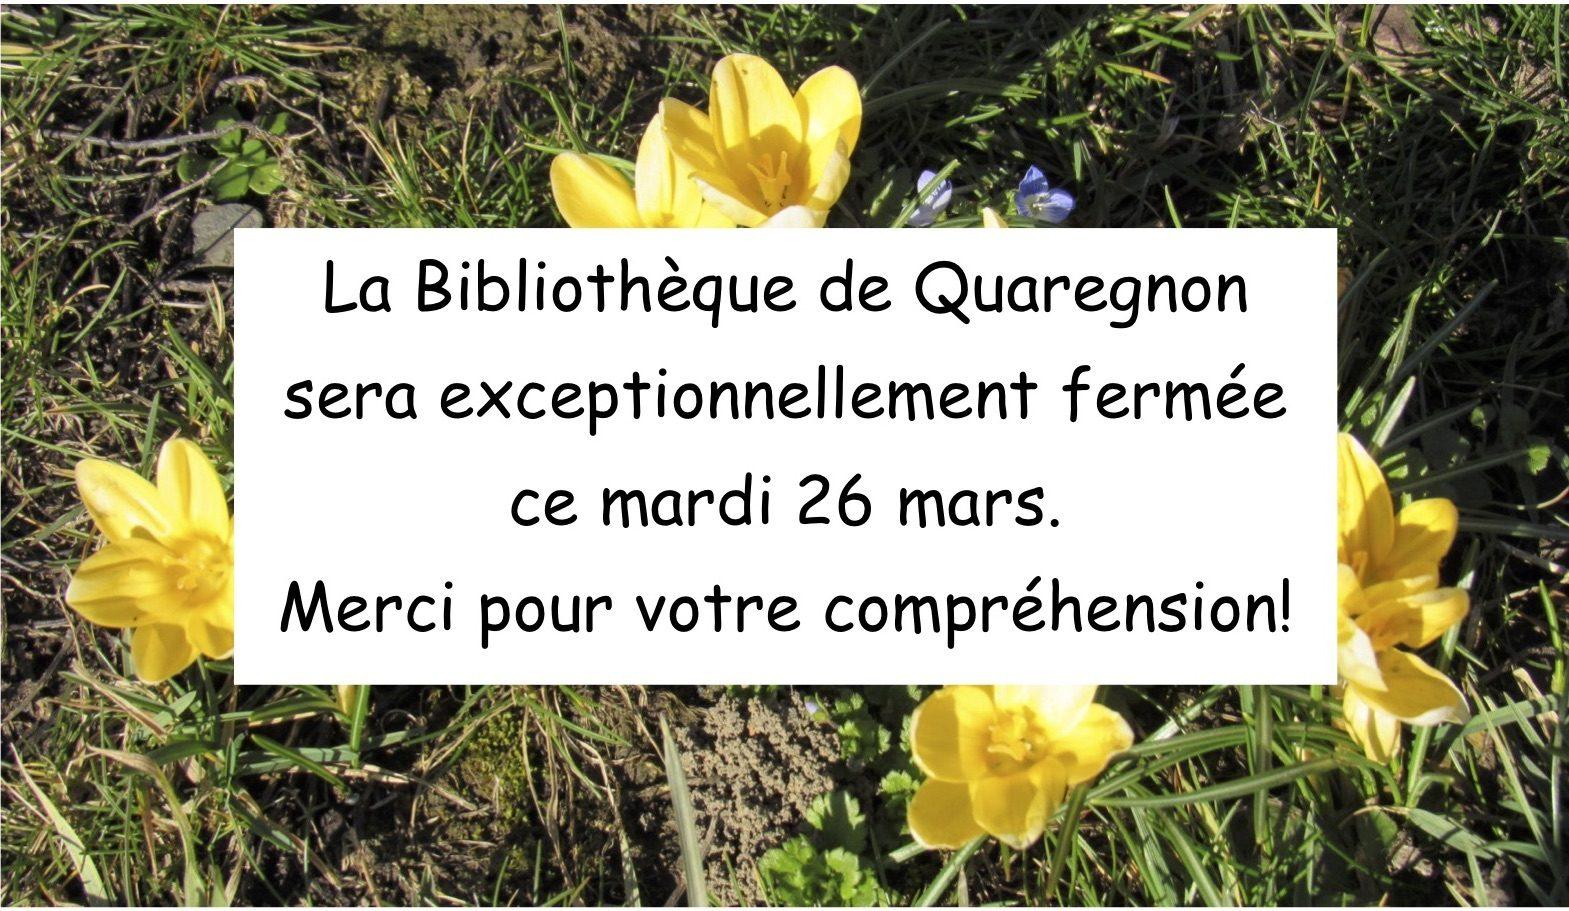 Bibliothèque communale Ulysse Cordier de Quaregnon